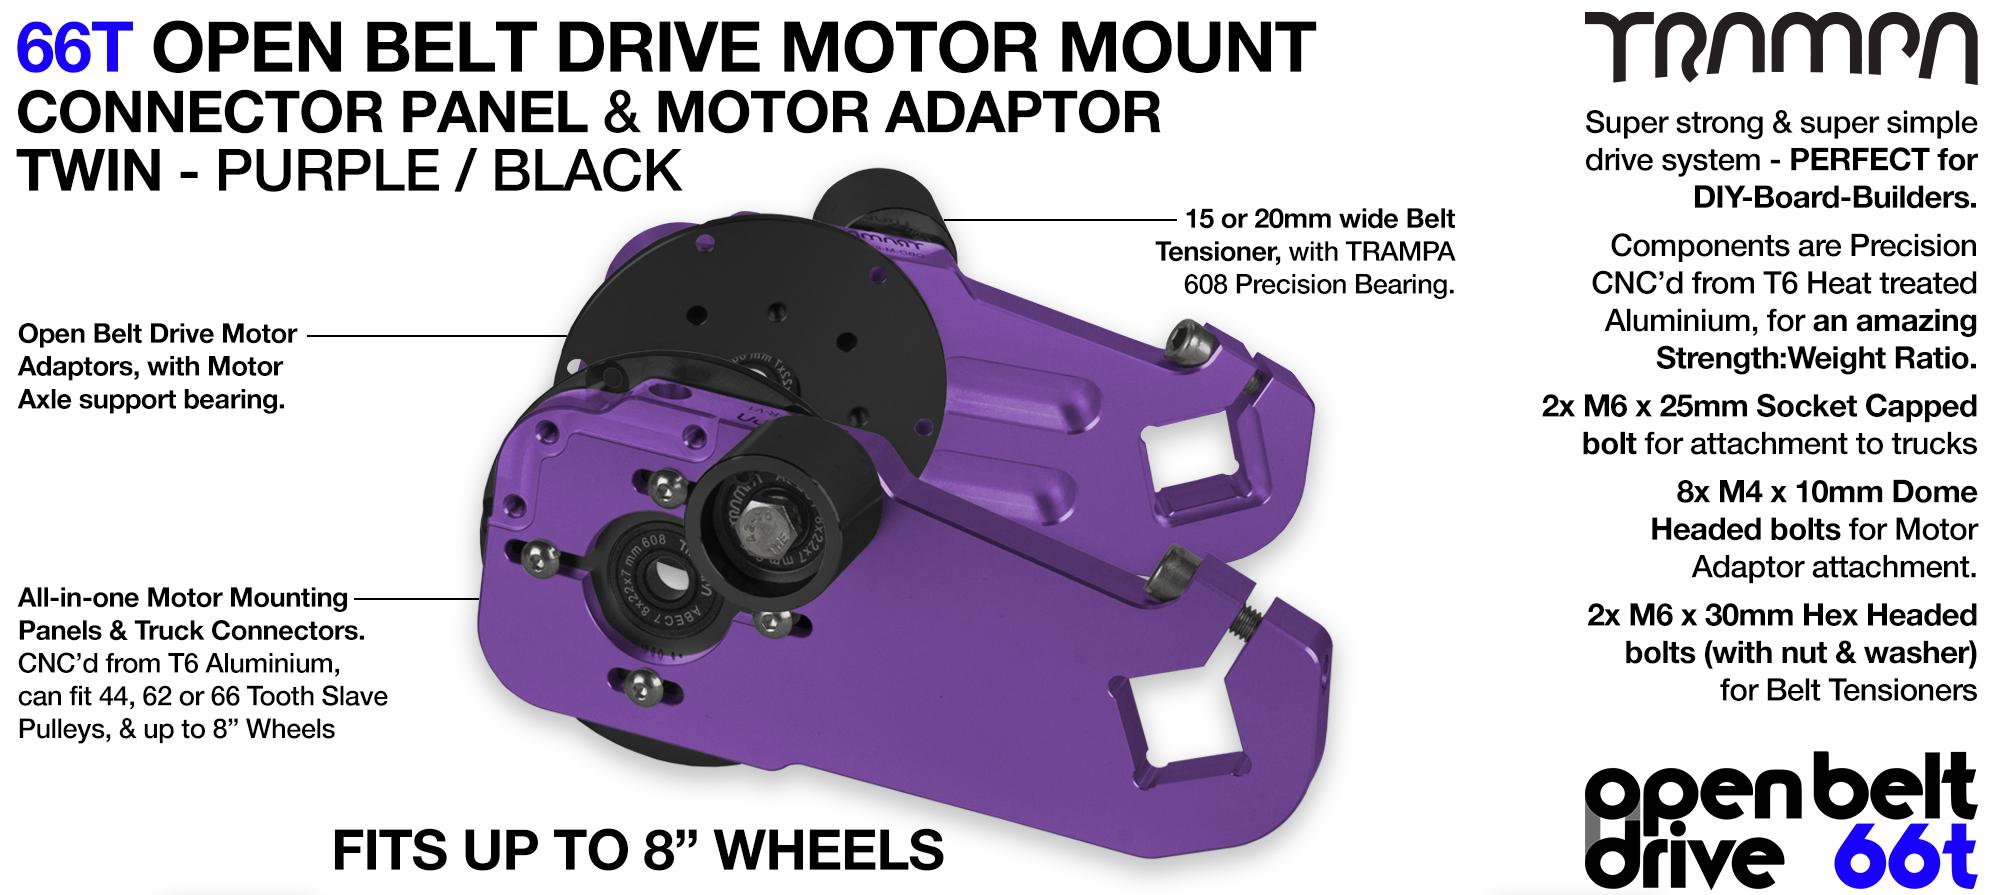 66T OPEN BELT DRIVE Motor Mount & Motor Adaptor - TWIN PURPLE